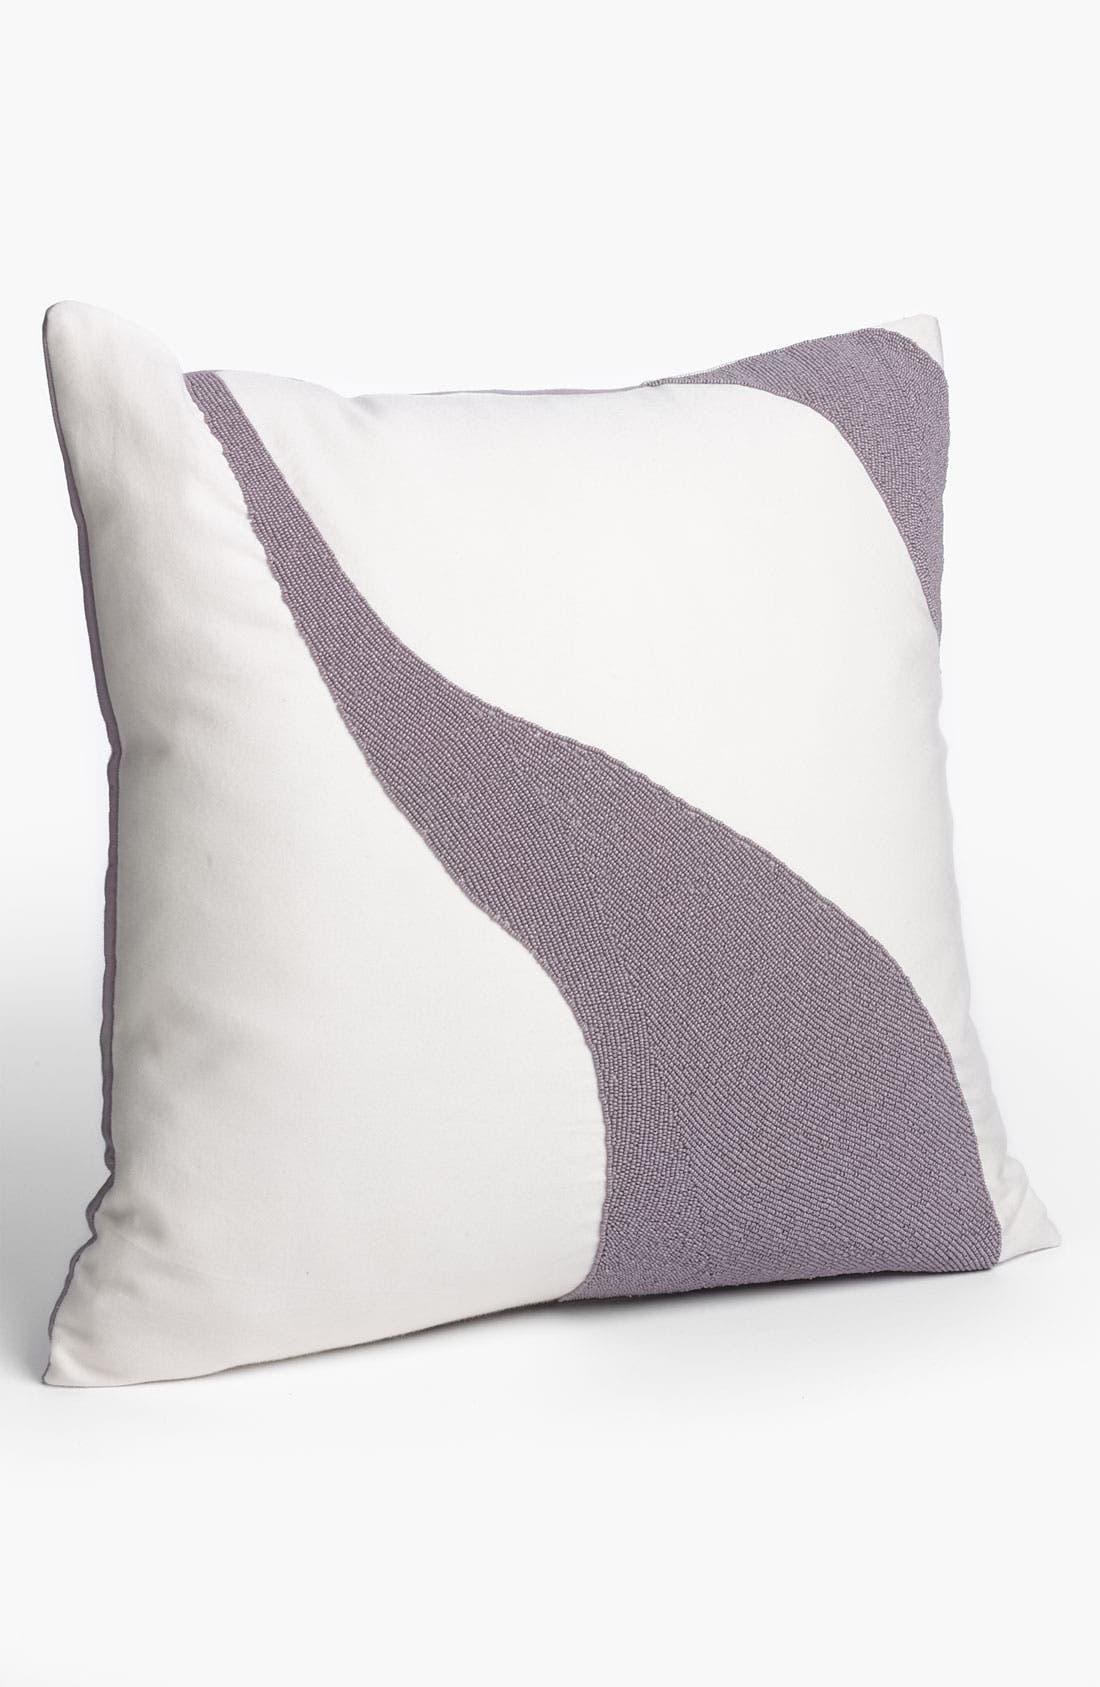 Main Image - Diane von Furstenberg 'Beaded Wave' Pillow